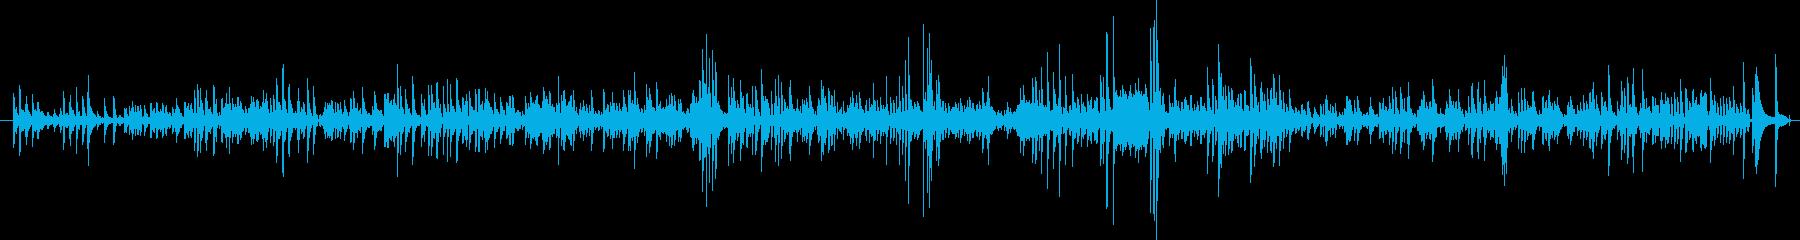 昔のジャズピアノトリオの再生済みの波形